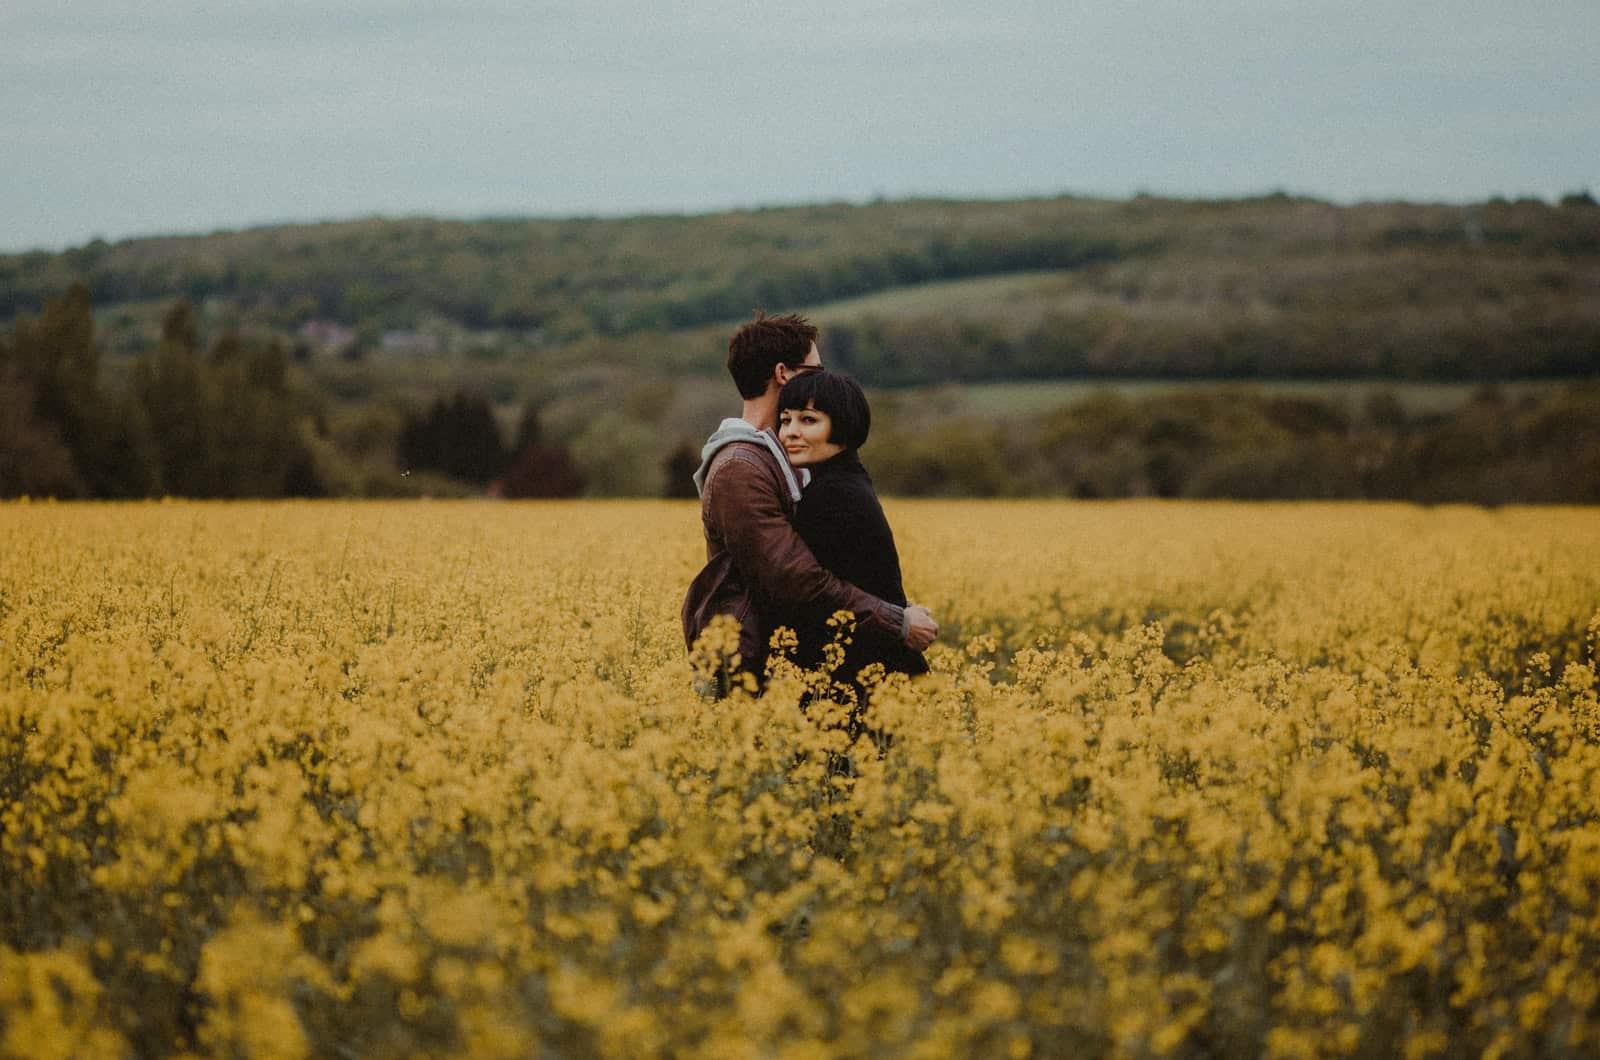 Paar umarmt sich auf einem Feld